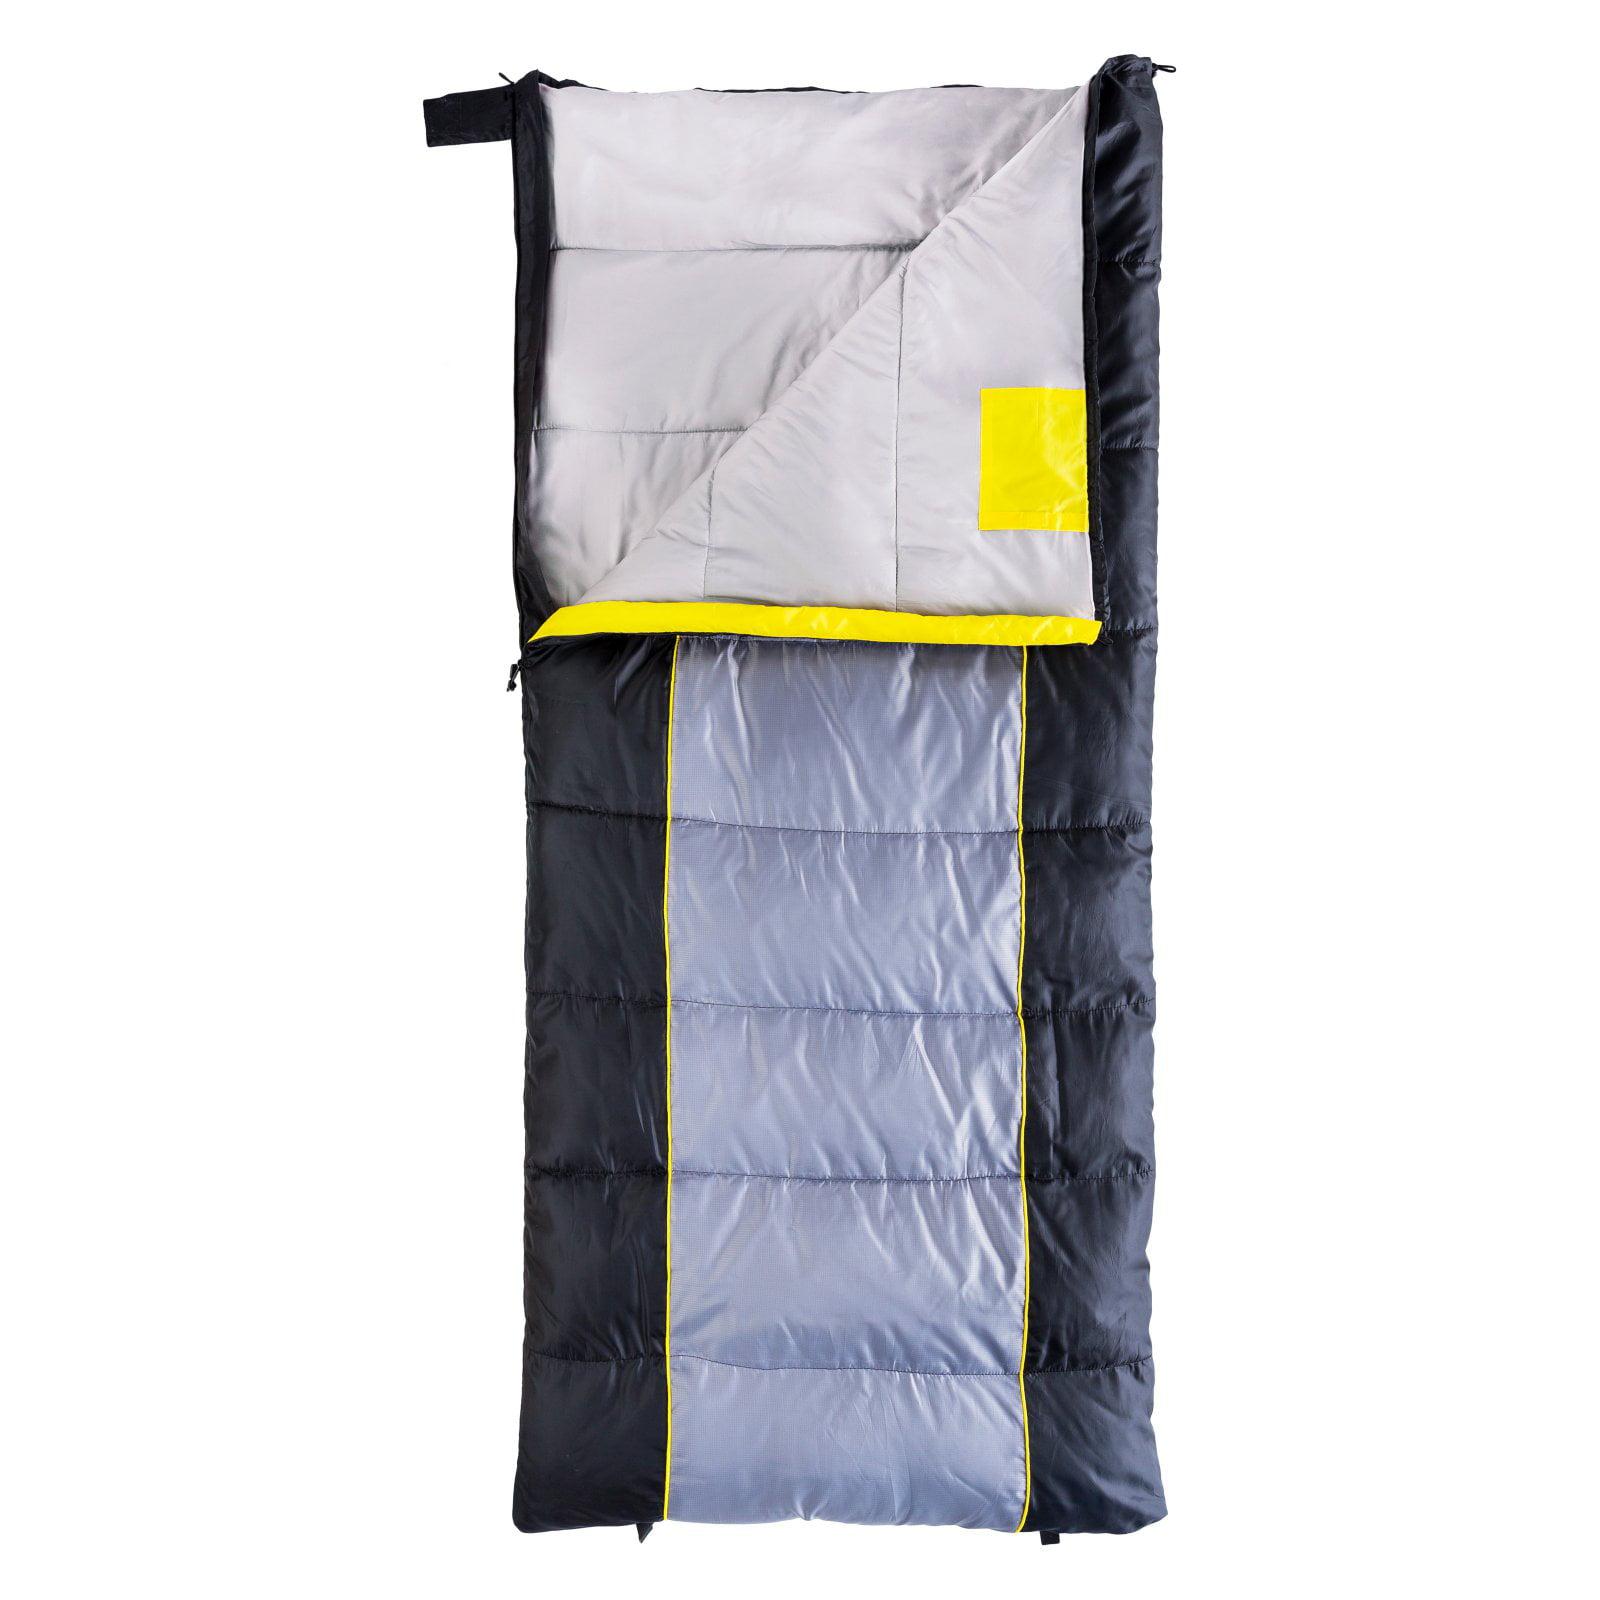 Click here to buy Kamp-Rite 3-in-1 0-Degree Sleeping Bag by Kamp-Rite.